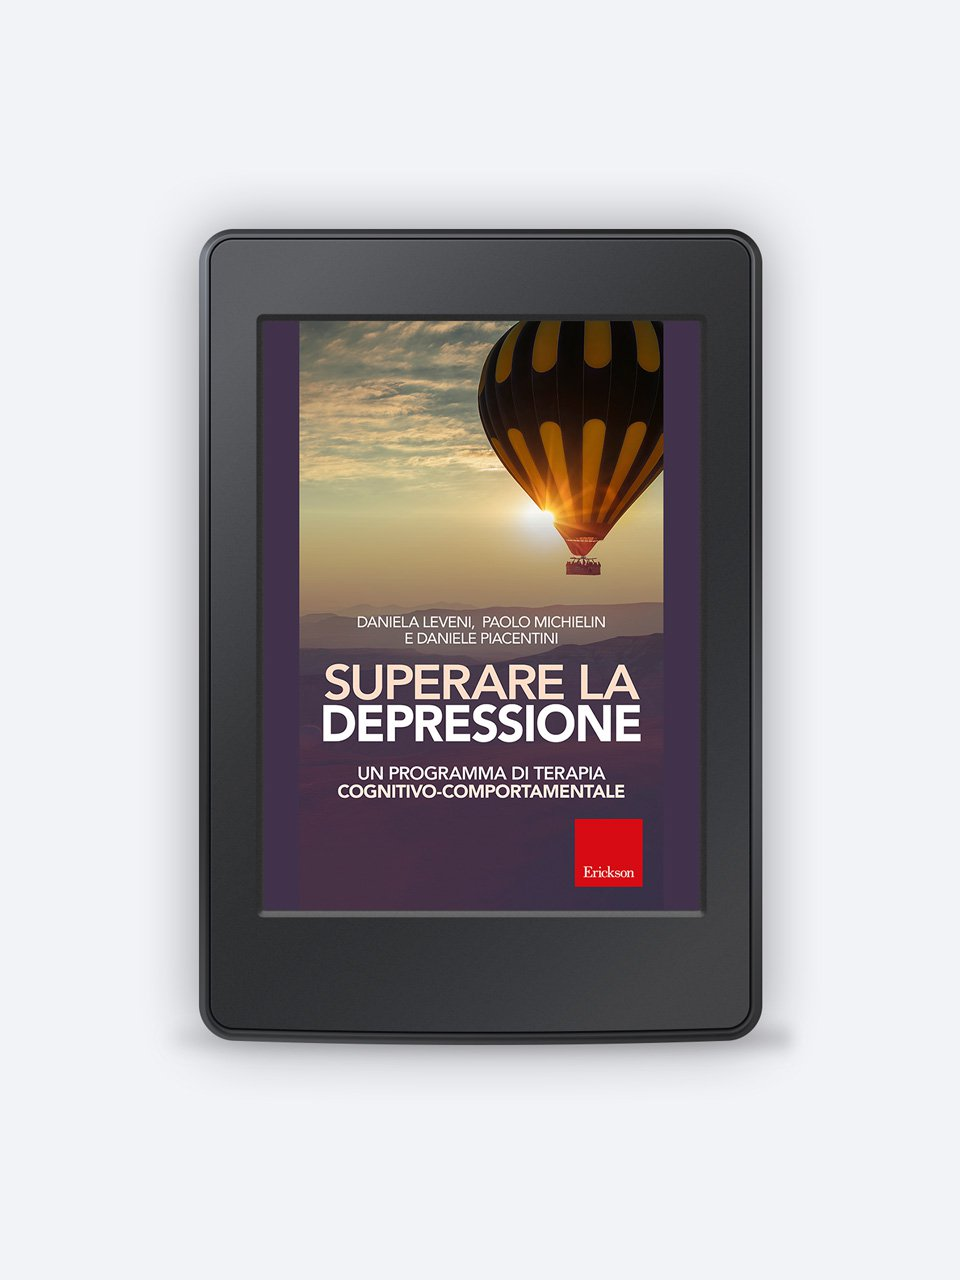 Superare la depressione - Libri - Erickson 3